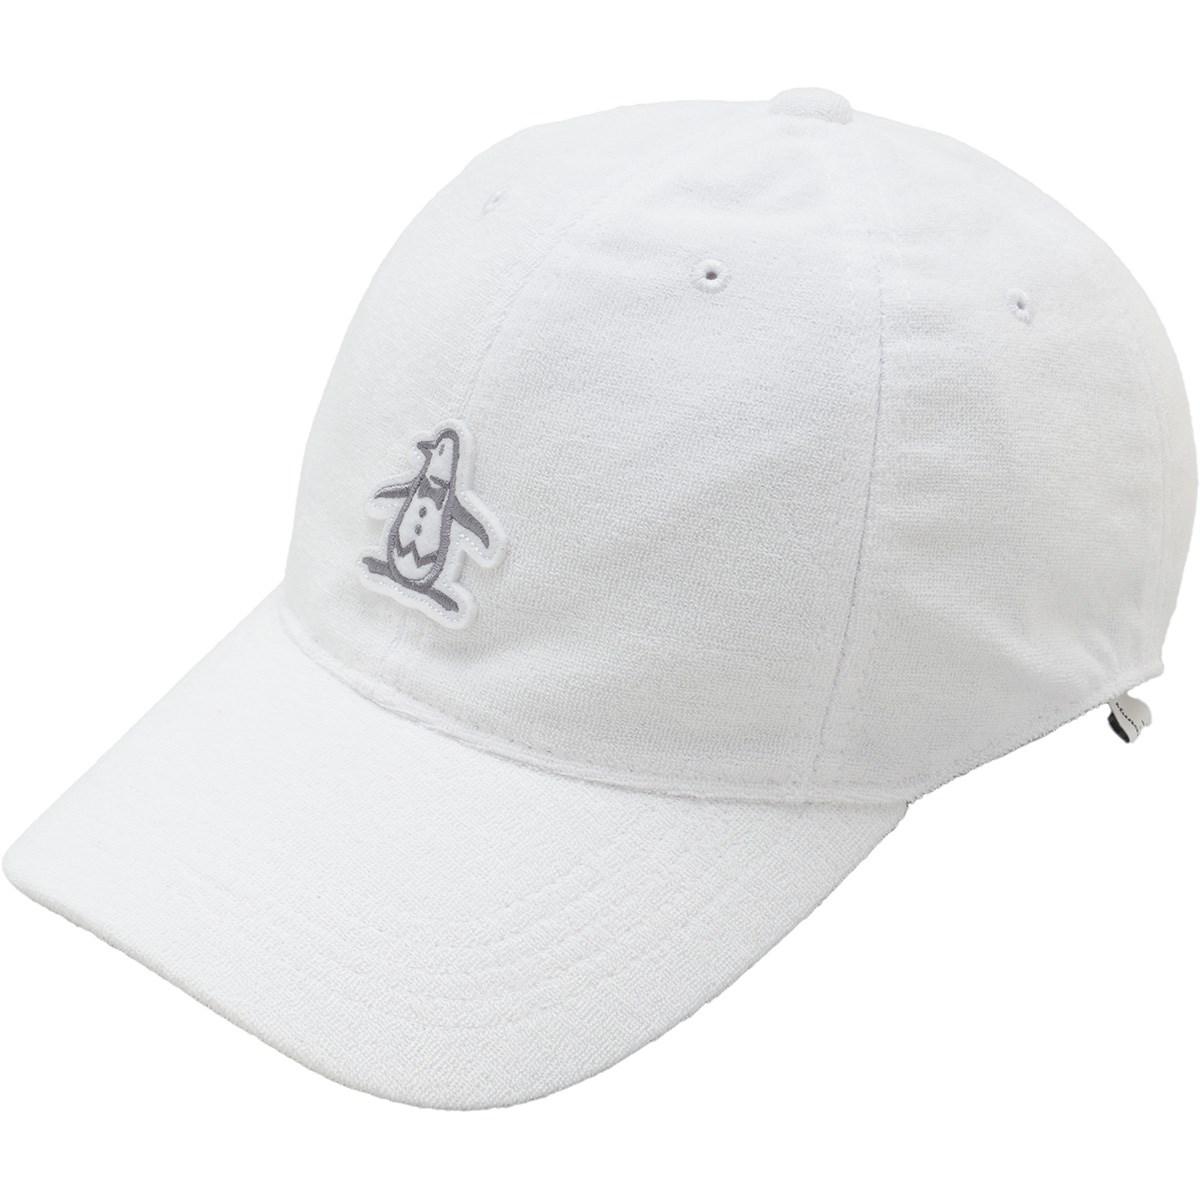 マンシングウェア Munsingwear パイルキャップ フリー ホワイト 00 レディス